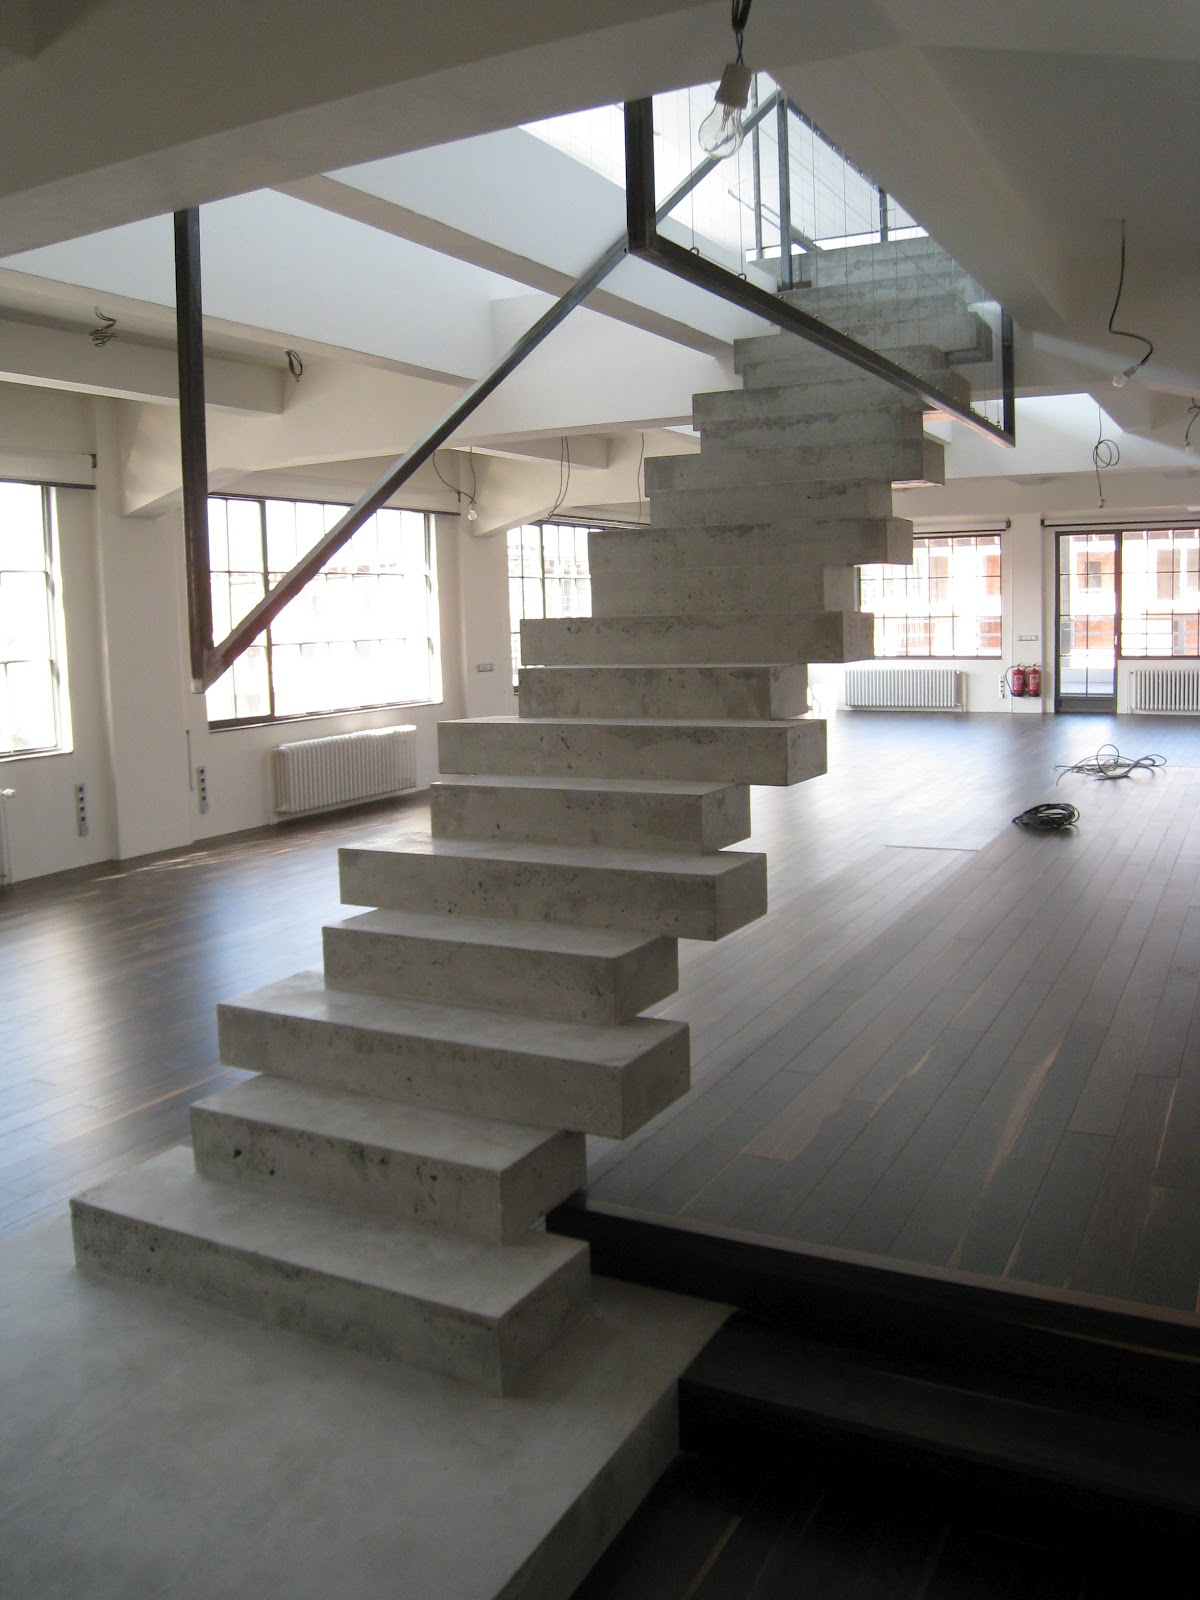 Arte y arquitectura dise o escaleras interiores en hormig n for Disenos para escaleras interiores